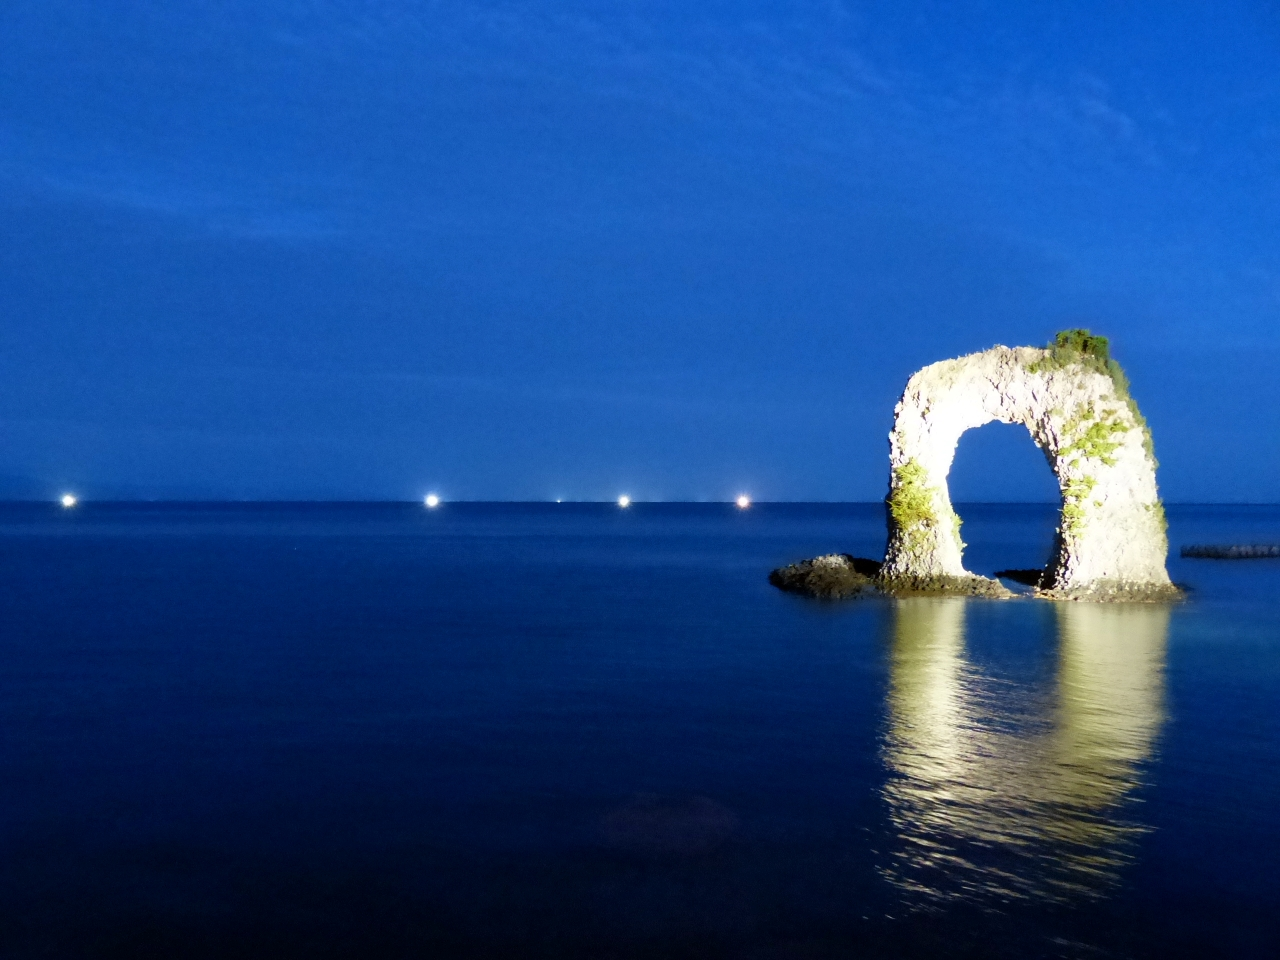 幻想的な夜景を眺めながら、海岸沿いを走る